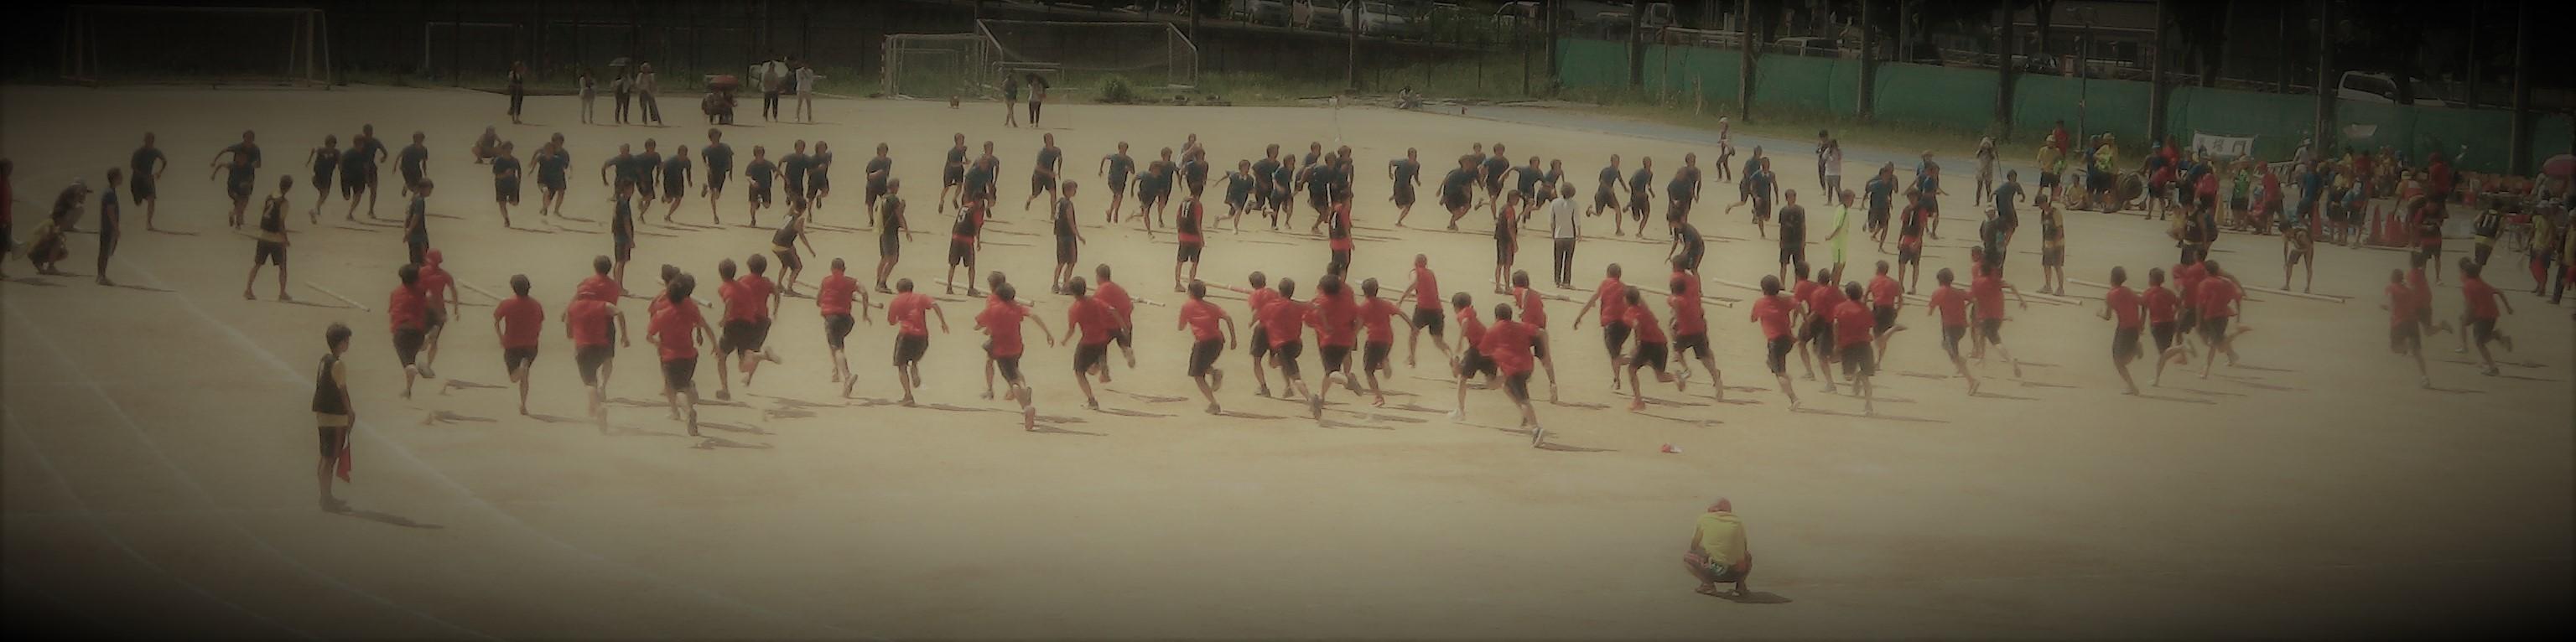 体育祭(運動会)_e0148909_23234273.jpg